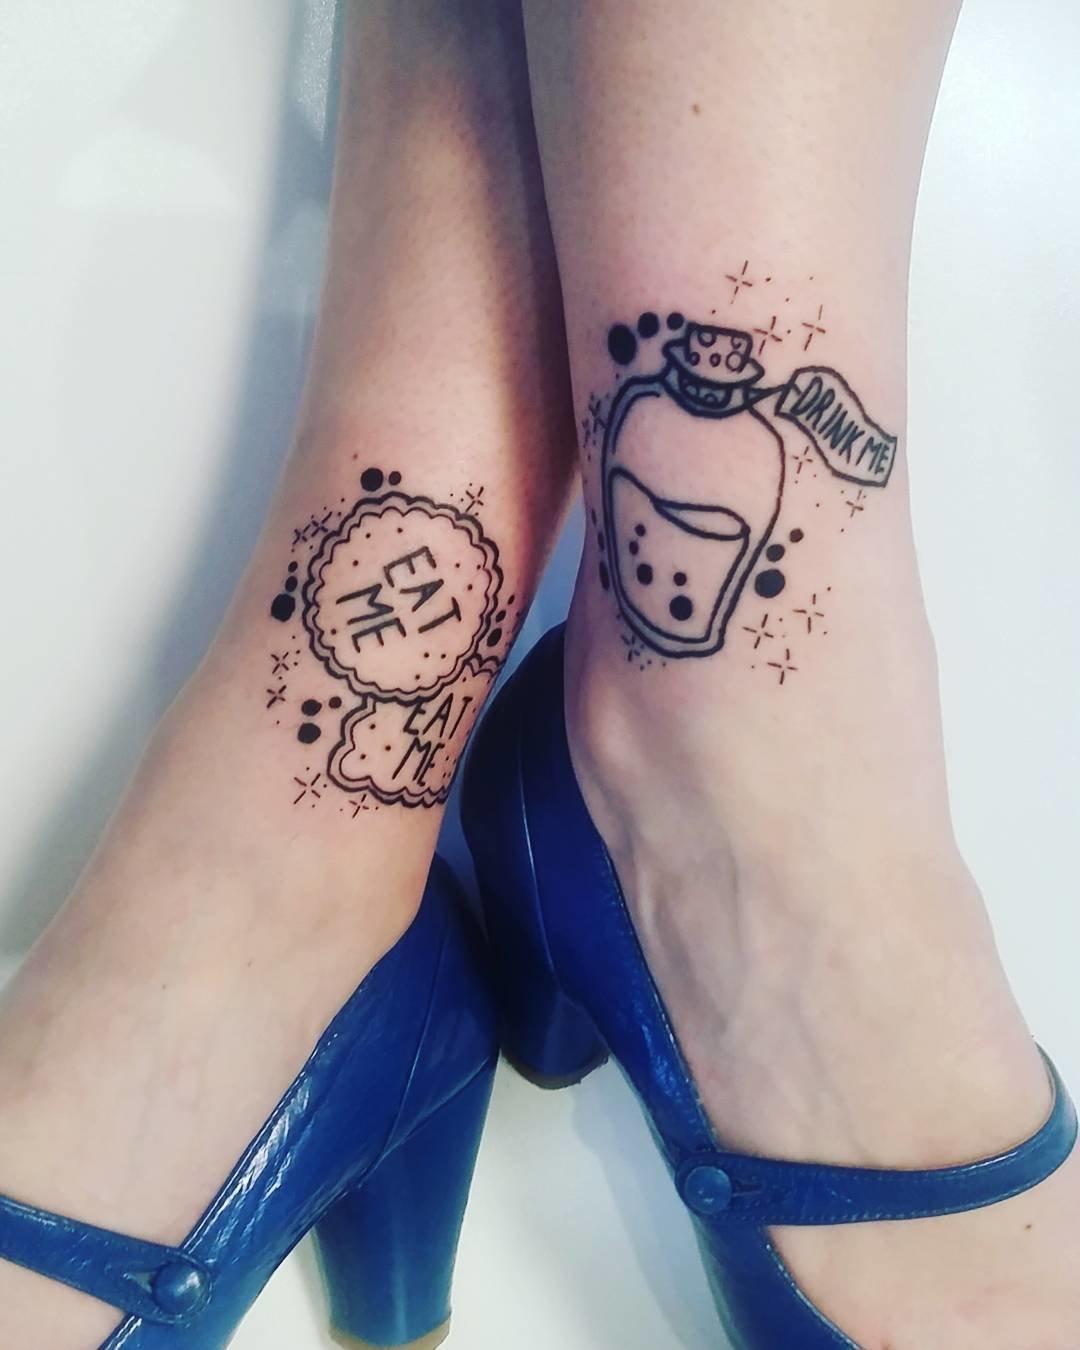 tatuirovki-dlya-devushek-na-noge-foto_ (40)